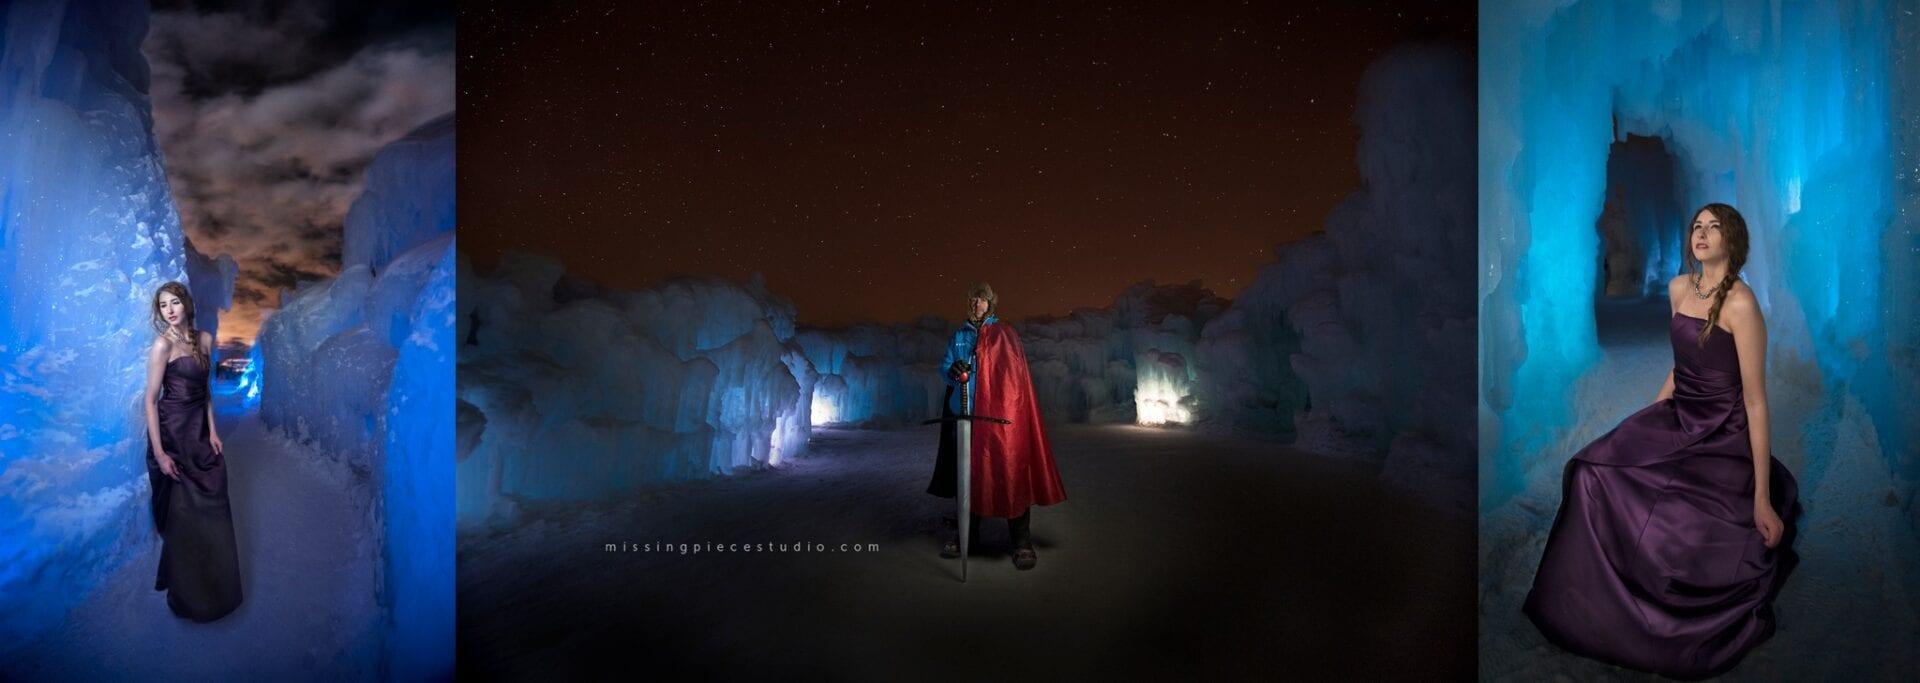 a beautiful grad dress taken in edmonton ice castles